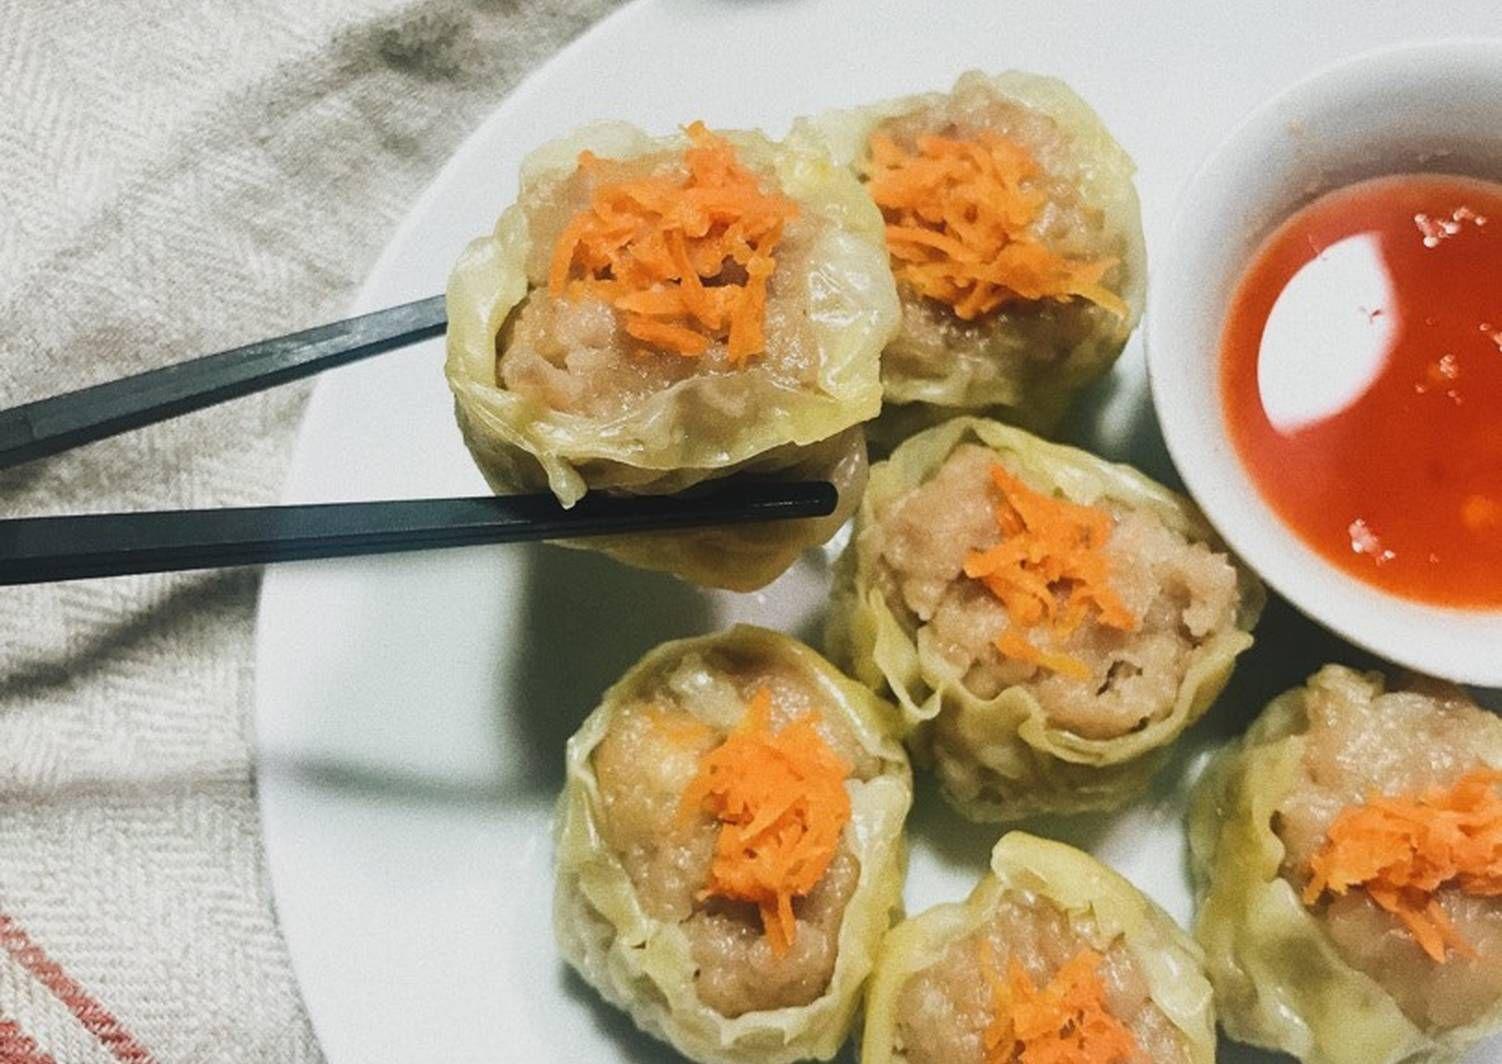 Resep Siomay Babi Udang Oleh Gita Cardila Resep Fotografi Makanan Resep Masakan Indonesia